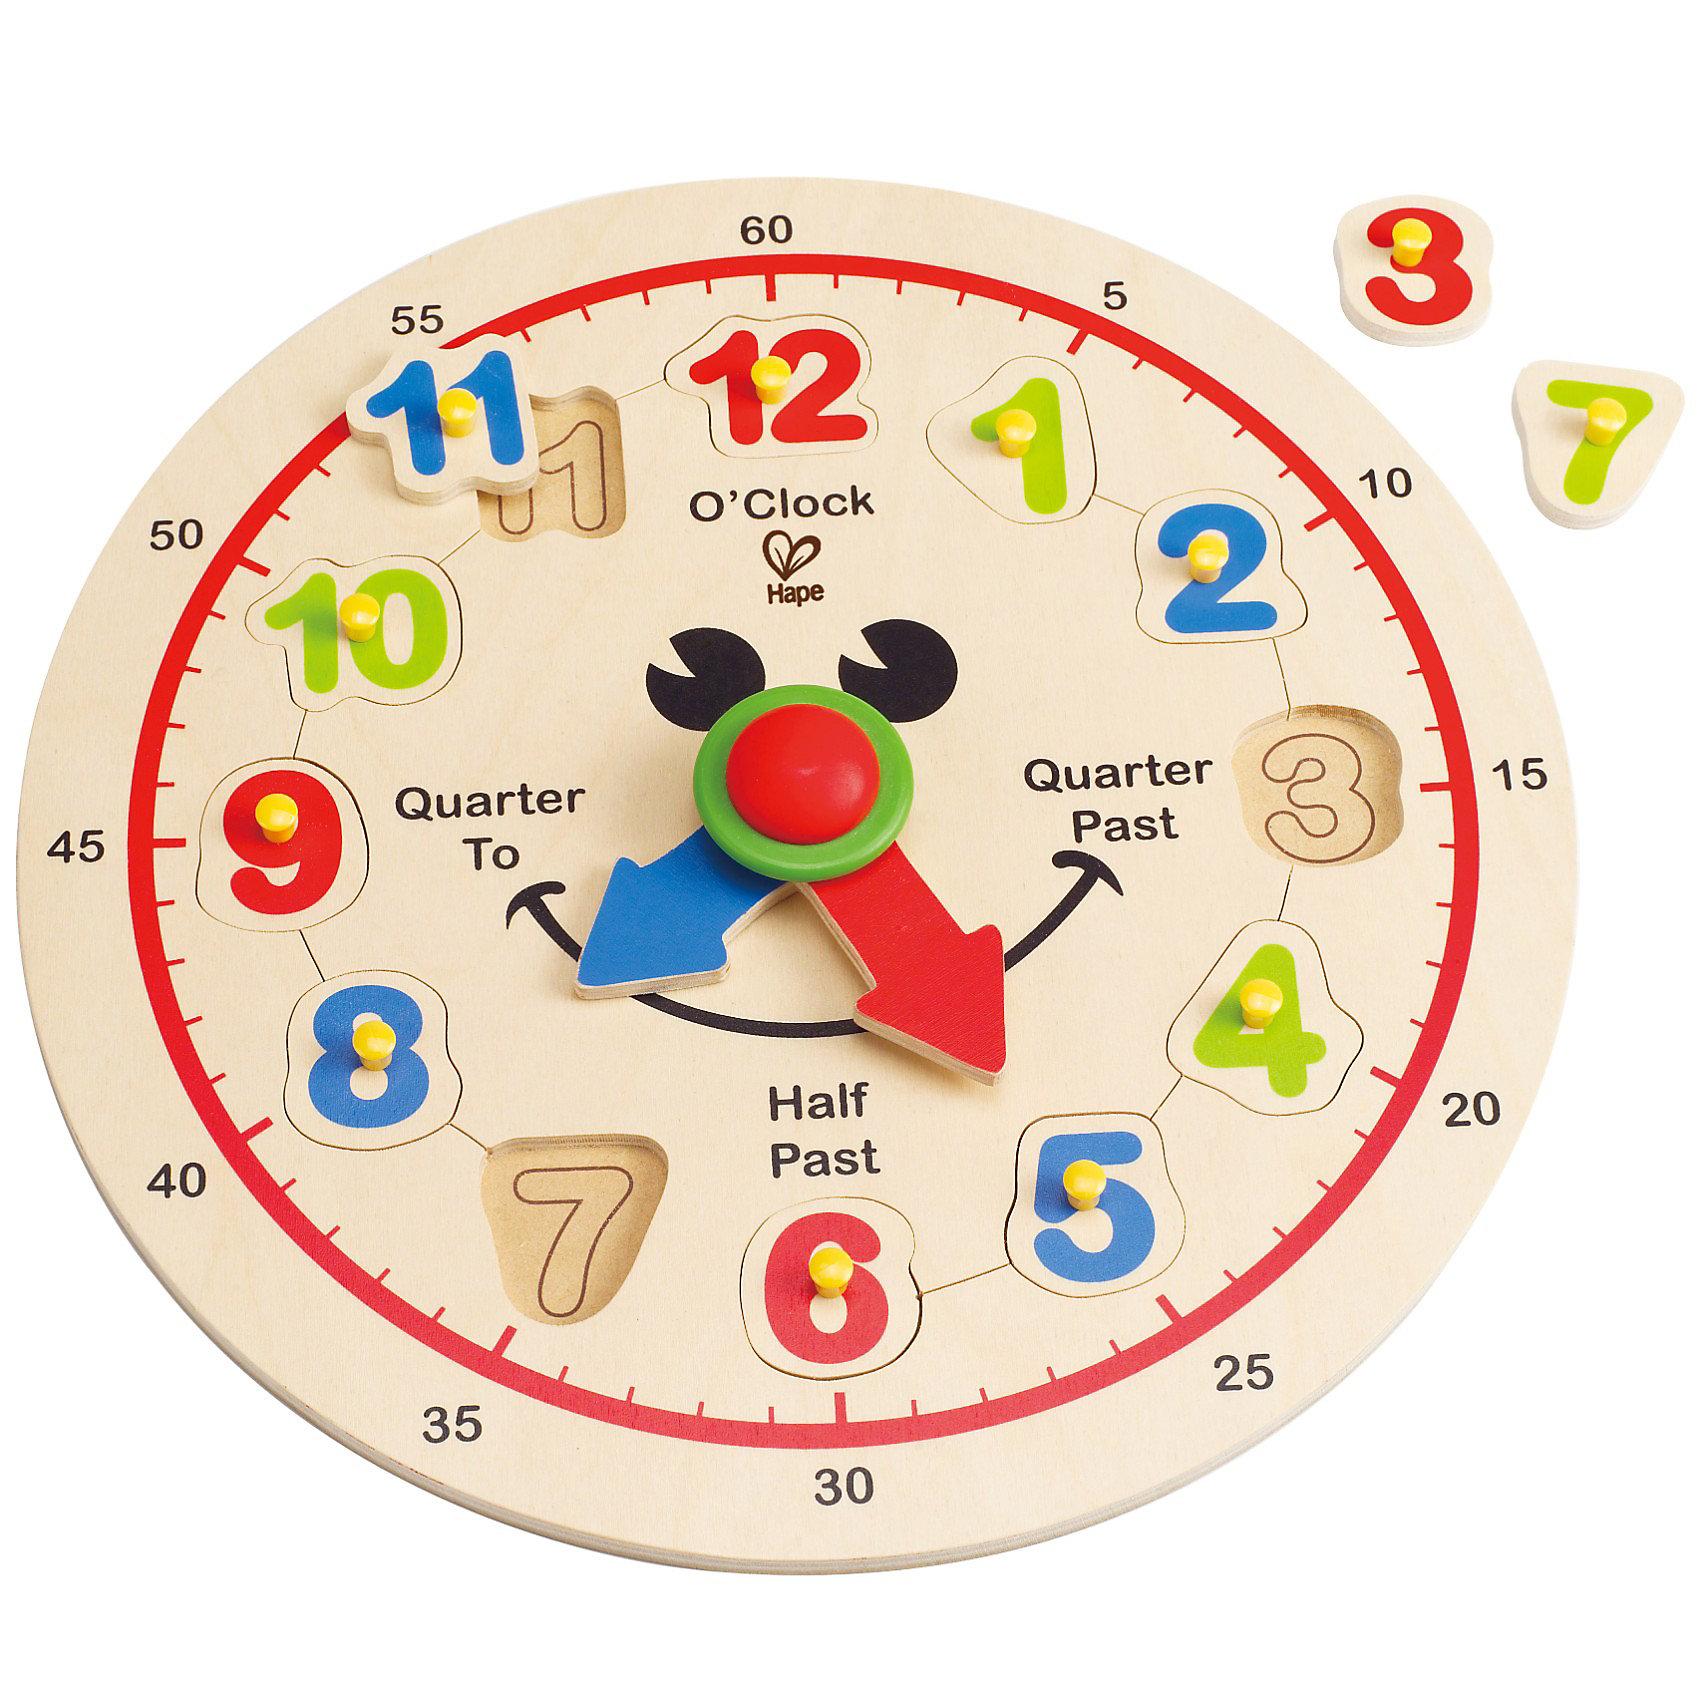 Игрушка деревянная Счастливые часы, HapeИгрушки для малышей<br>Игрушка деревянная Счастливые часы от Hape - обязательно понравится малышу! С помощью этих добродушно улыбающихся часиков ребенок сможет выучить цифры и научиться распознавать время.<br> На циферблате изображены часы и секунды, стрелки легко двигаются. Родители могут играть вместе с ребенком, одновременно обучая его: необходимо перевернуть игрушку, высыпать и перемешать цифры, теперь малышу предстоит самостоятельно разместить их на циферблате в правильном порядке. <br> Все фигурки вырезаны вручную, а картинки нанесены непосредственно на деревянное основание, что говорит о высоком качестве изделия.<br><br>Дополнительно:<br>Размер упаковки: 29 х 29 см<br>Размер игрушки: 30 х 3,6 см <br><br>Игрушка деревянная Счастливые часы, Hape - можно купить в нашем интернет - магазине.<br><br>Ширина мм: 300<br>Глубина мм: 35<br>Высота мм: 300<br>Вес г: 5800<br>Возраст от месяцев: 36<br>Возраст до месяцев: 72<br>Пол: Унисекс<br>Возраст: Детский<br>SKU: 3357931